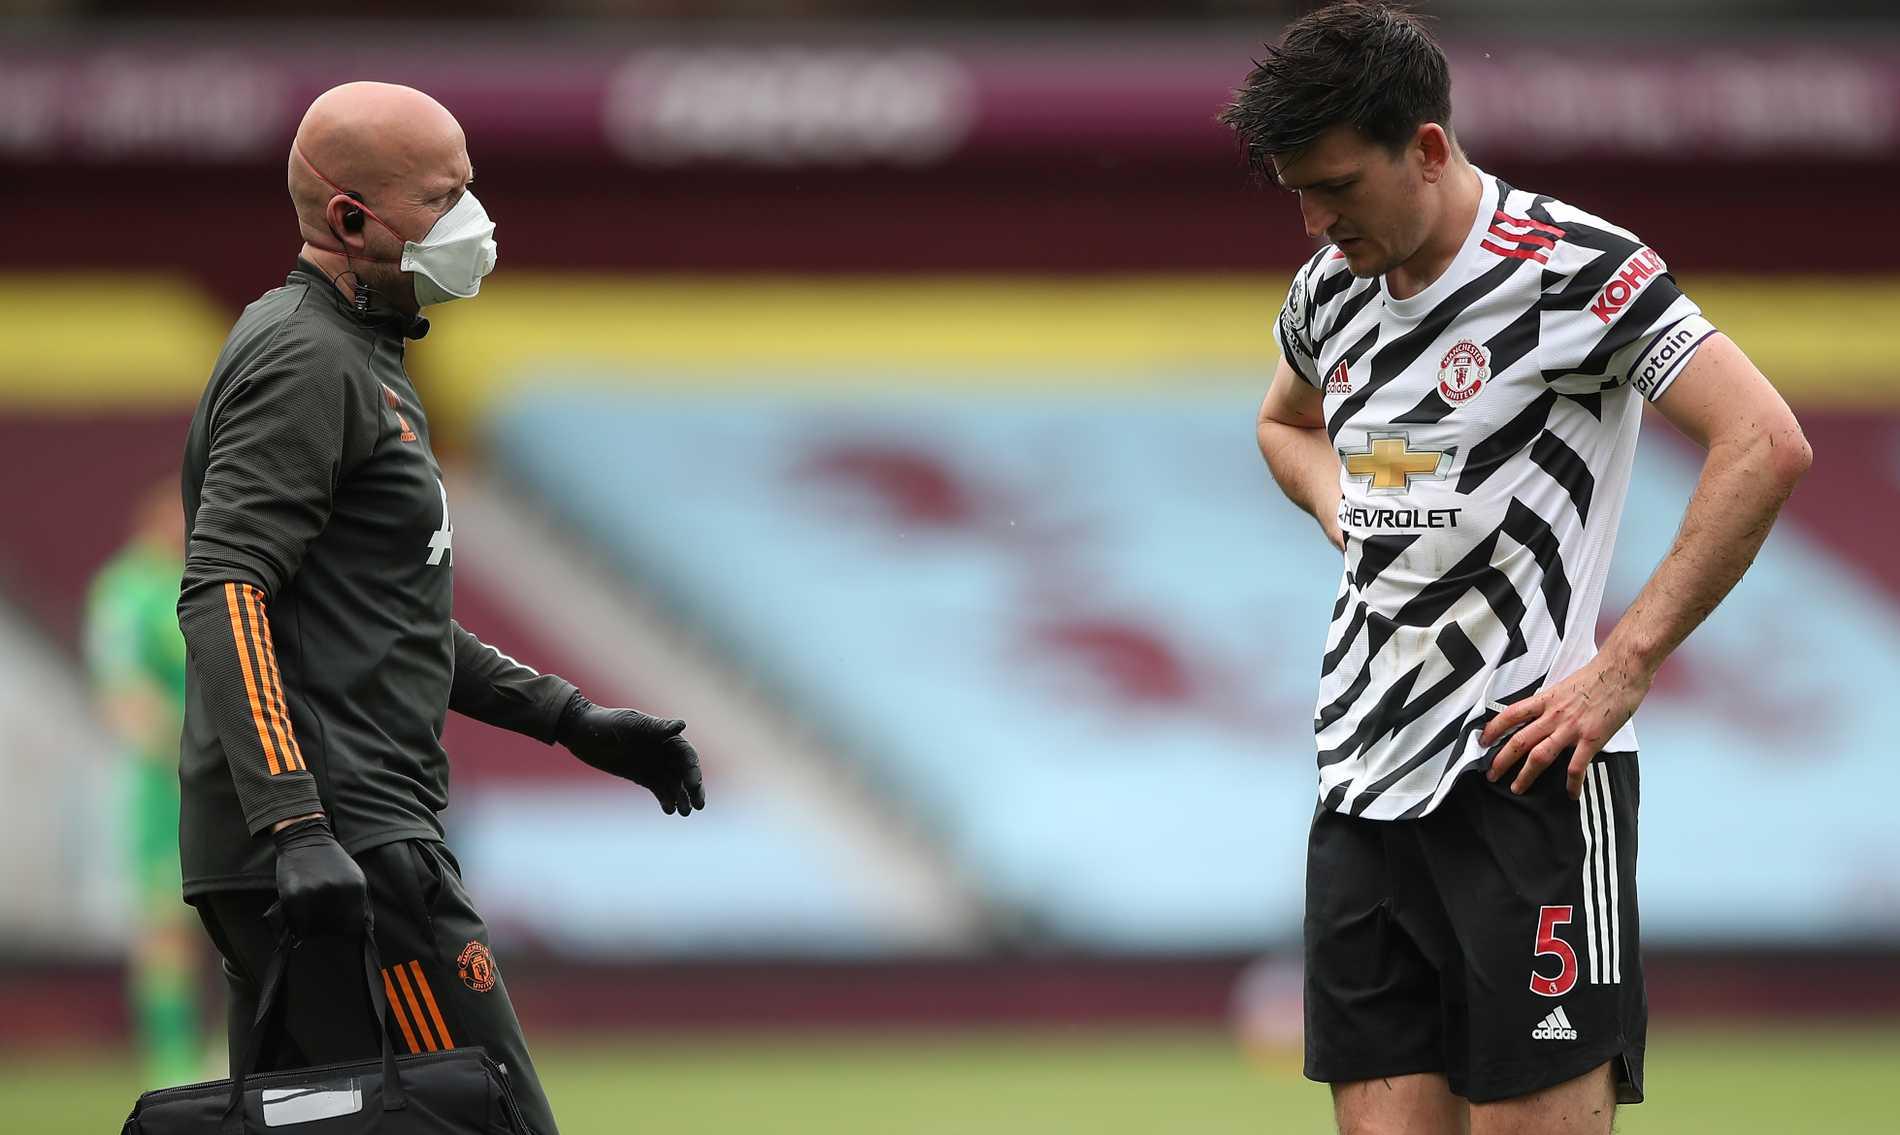 Harry Maguire tvingades av skadad i slutet.